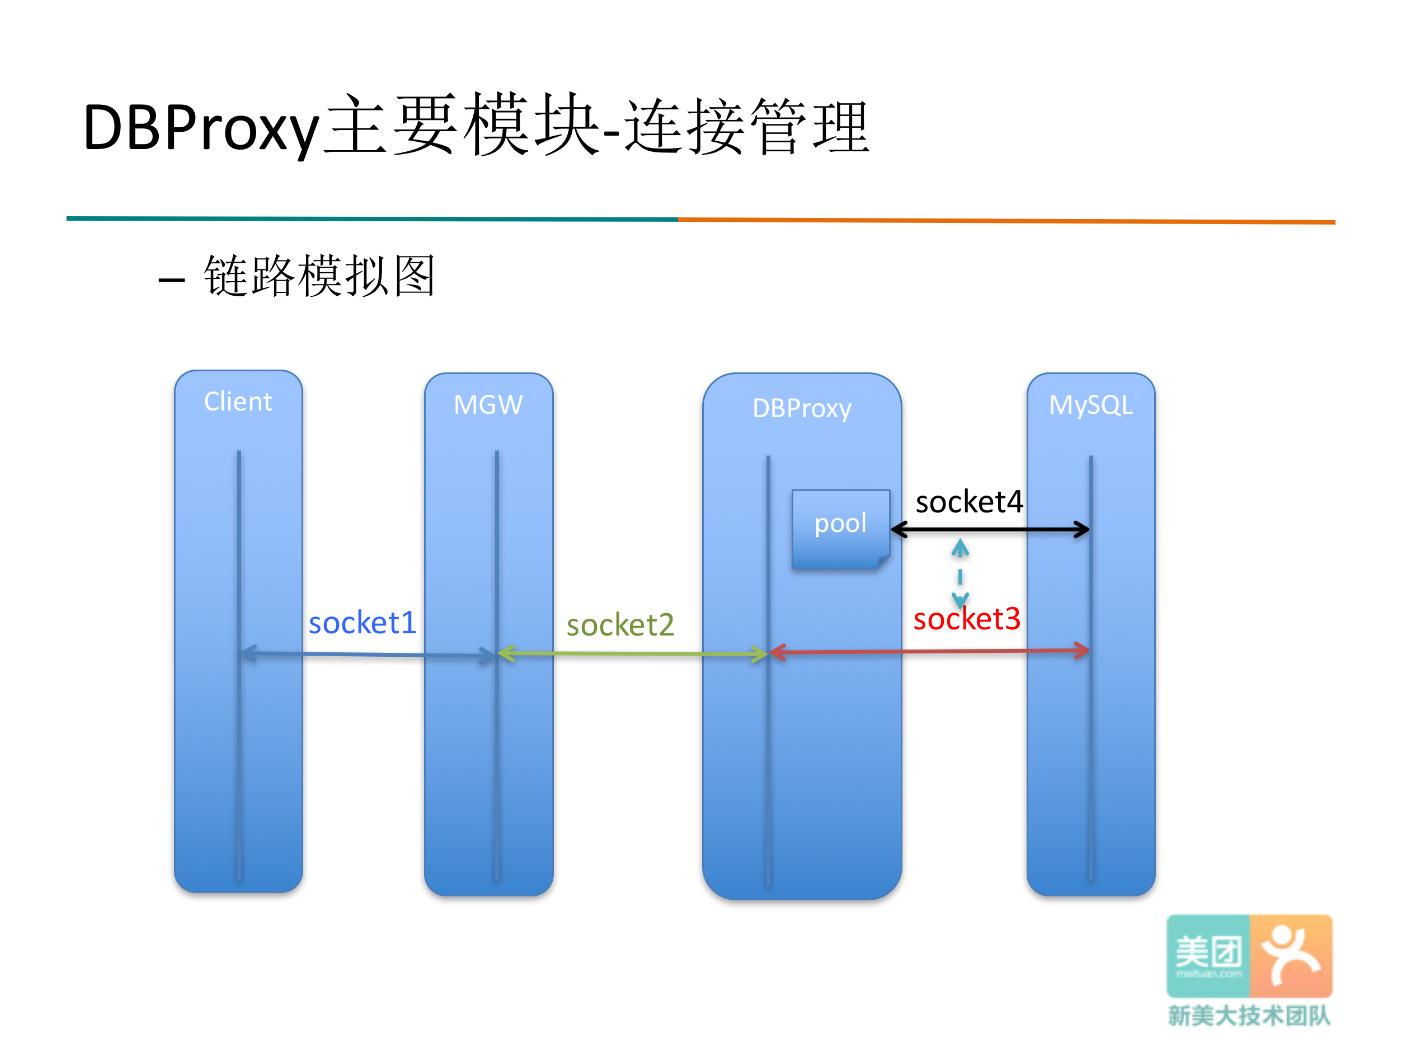 DBProxy的连接管理